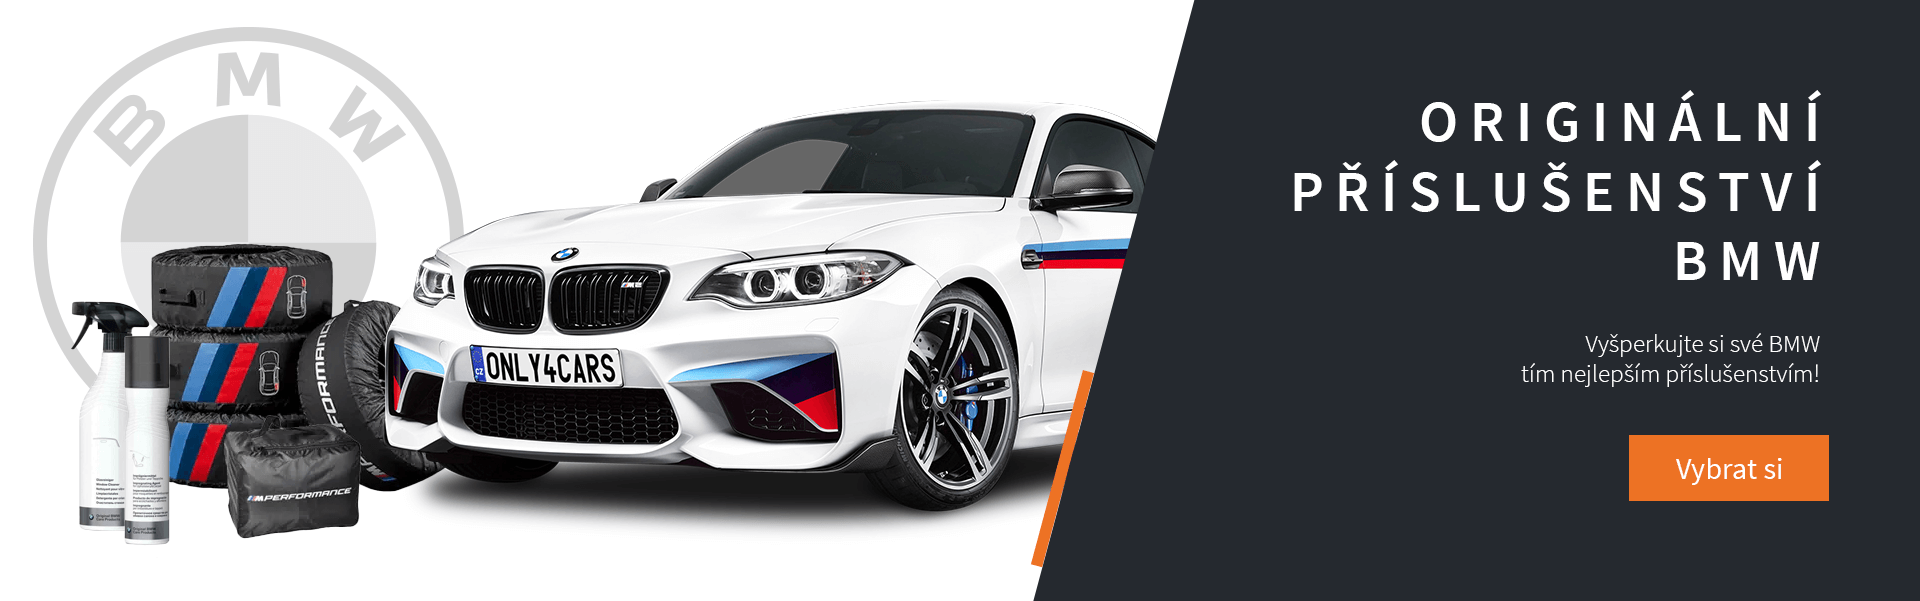 BMW příslušesntví